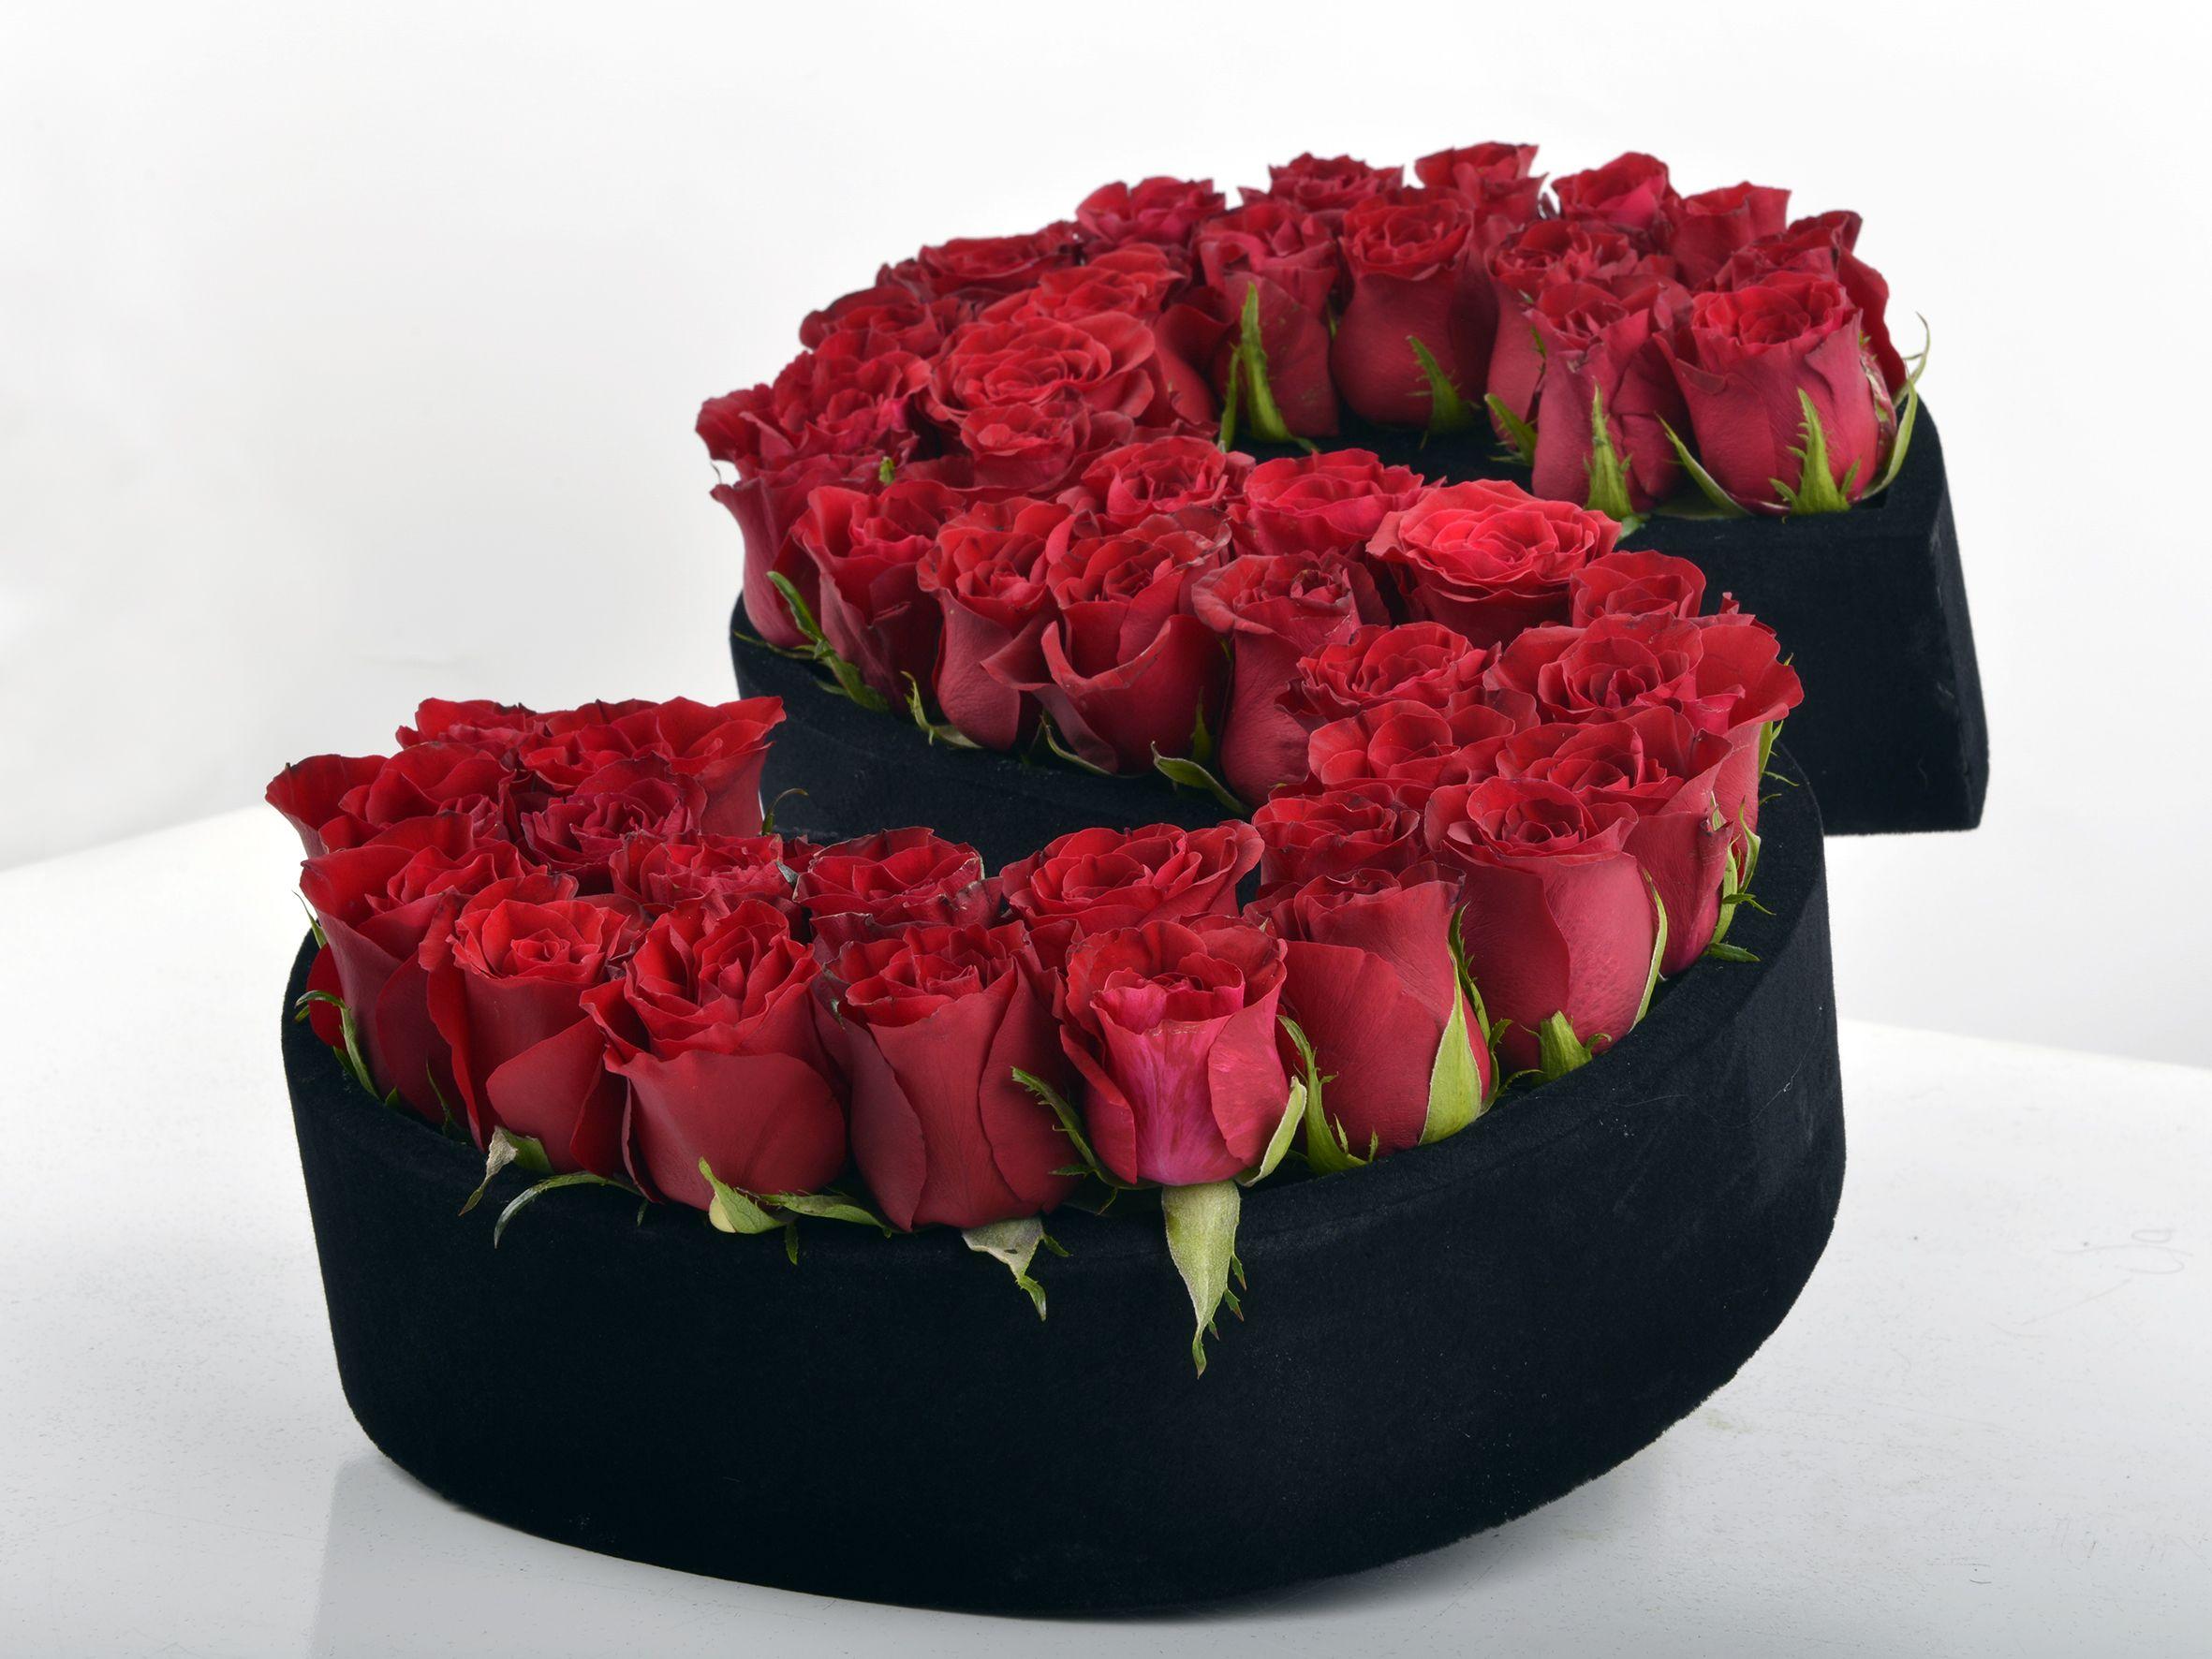 Biricik Aşkıma Çiçekli Harf Folyolu Uçan Balon Harfli Çiçek çiçek gönder